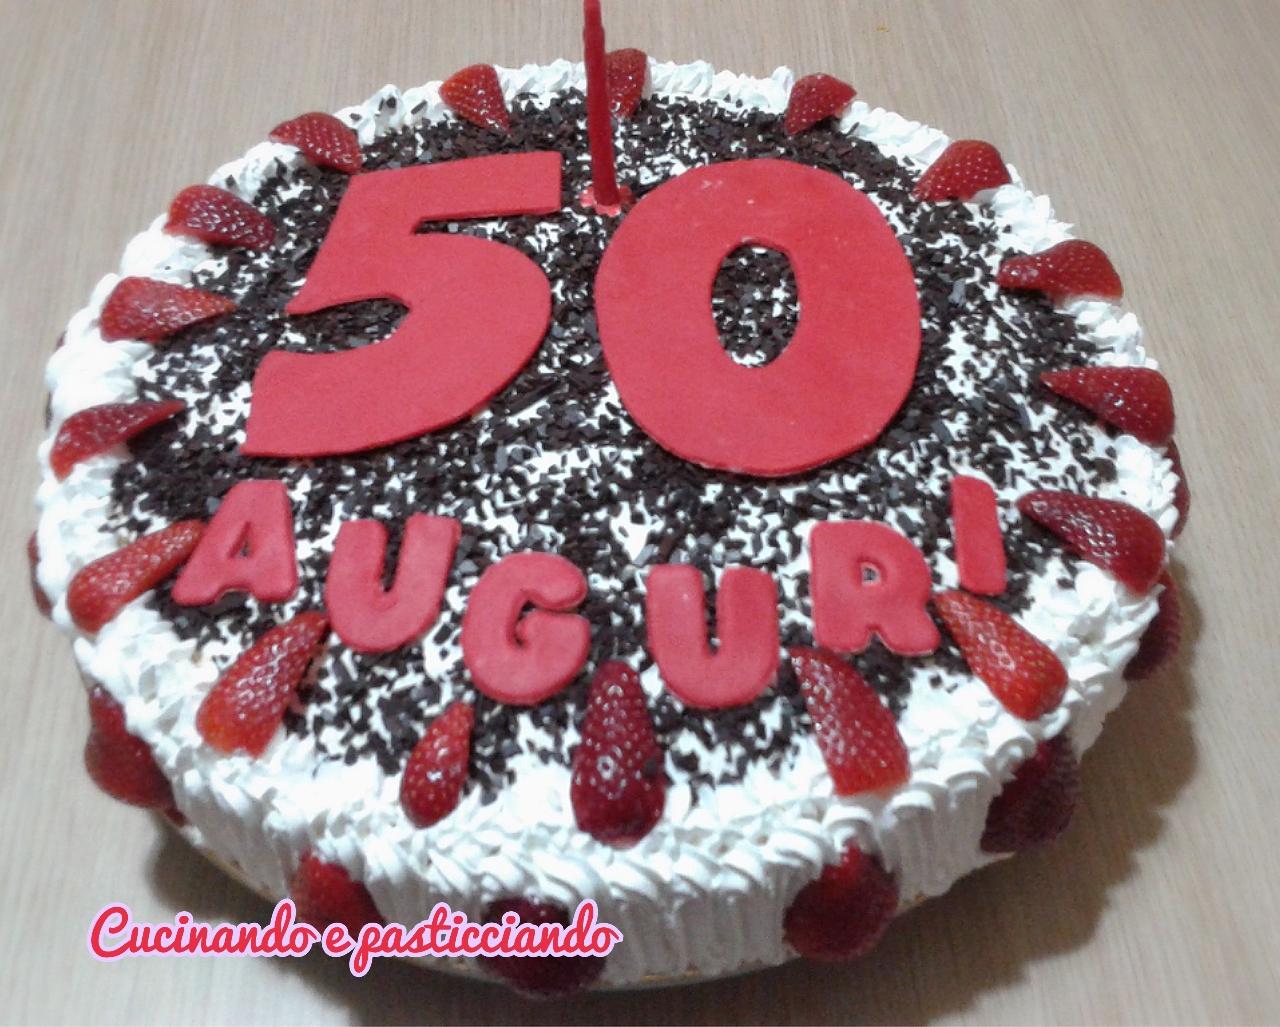 cucinando e pasticciando torta fragole per 50 anni